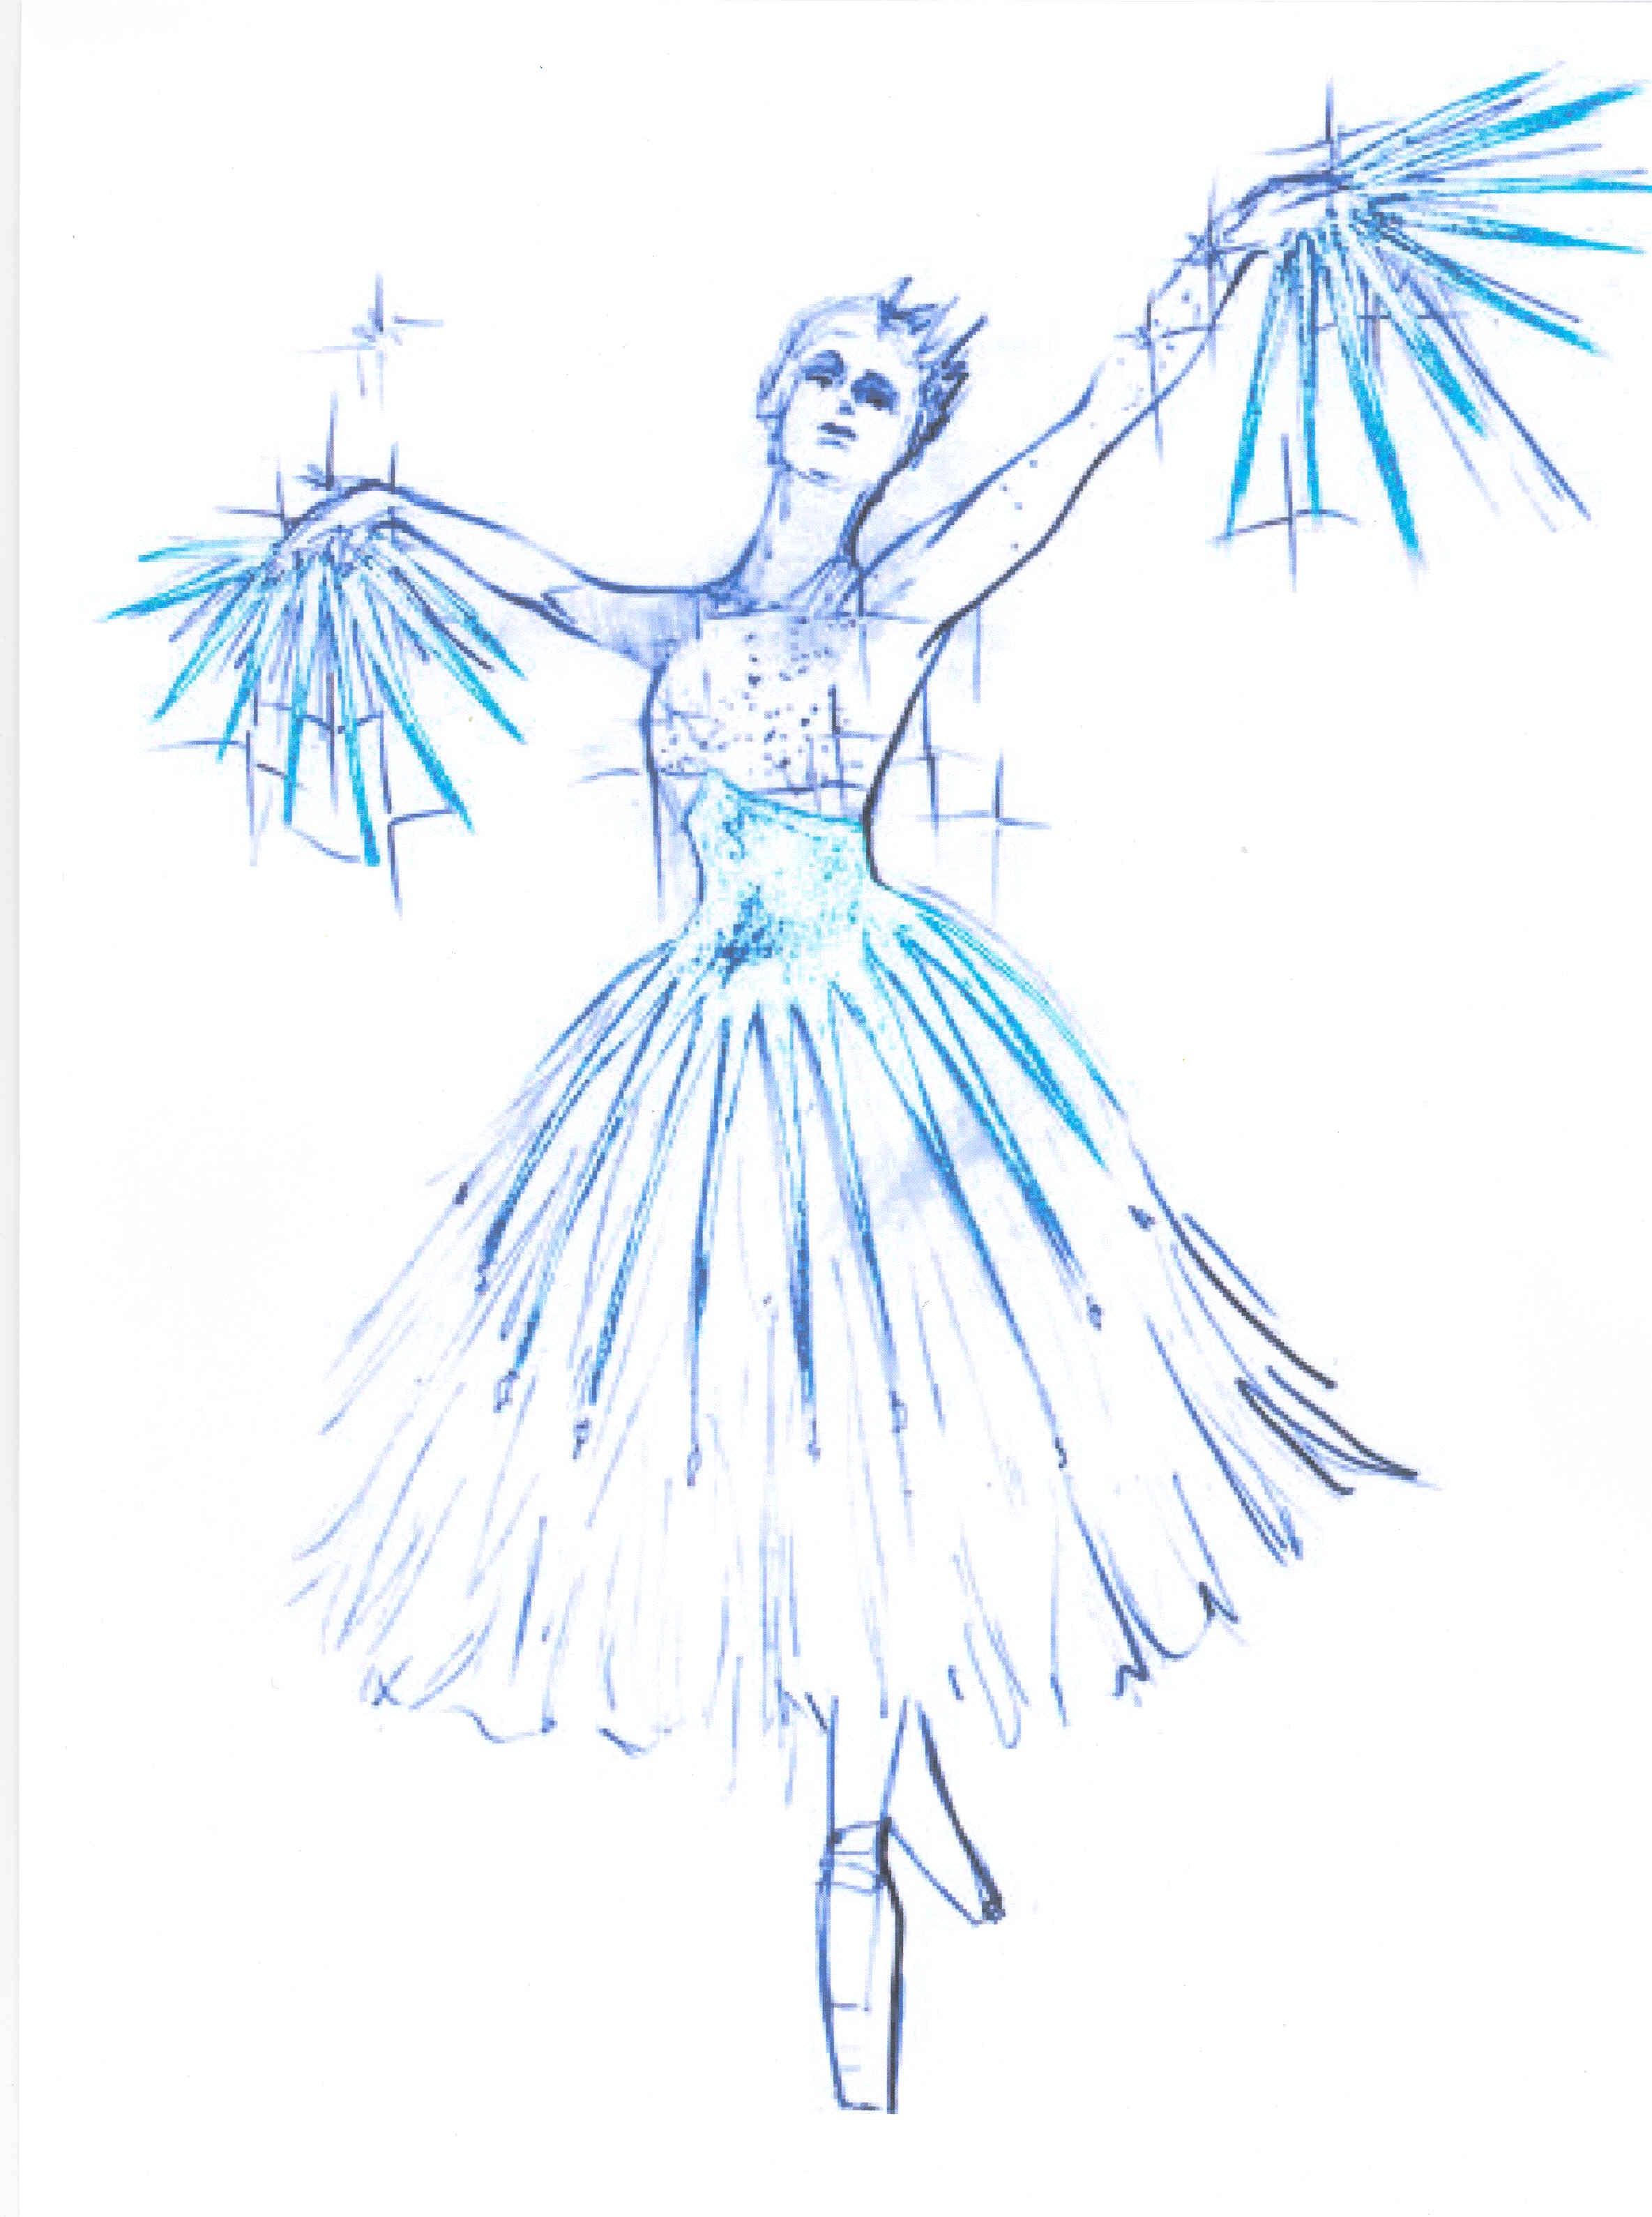 2369x3179 Snow Costume Sketch Nutcracker Sketches, Snow